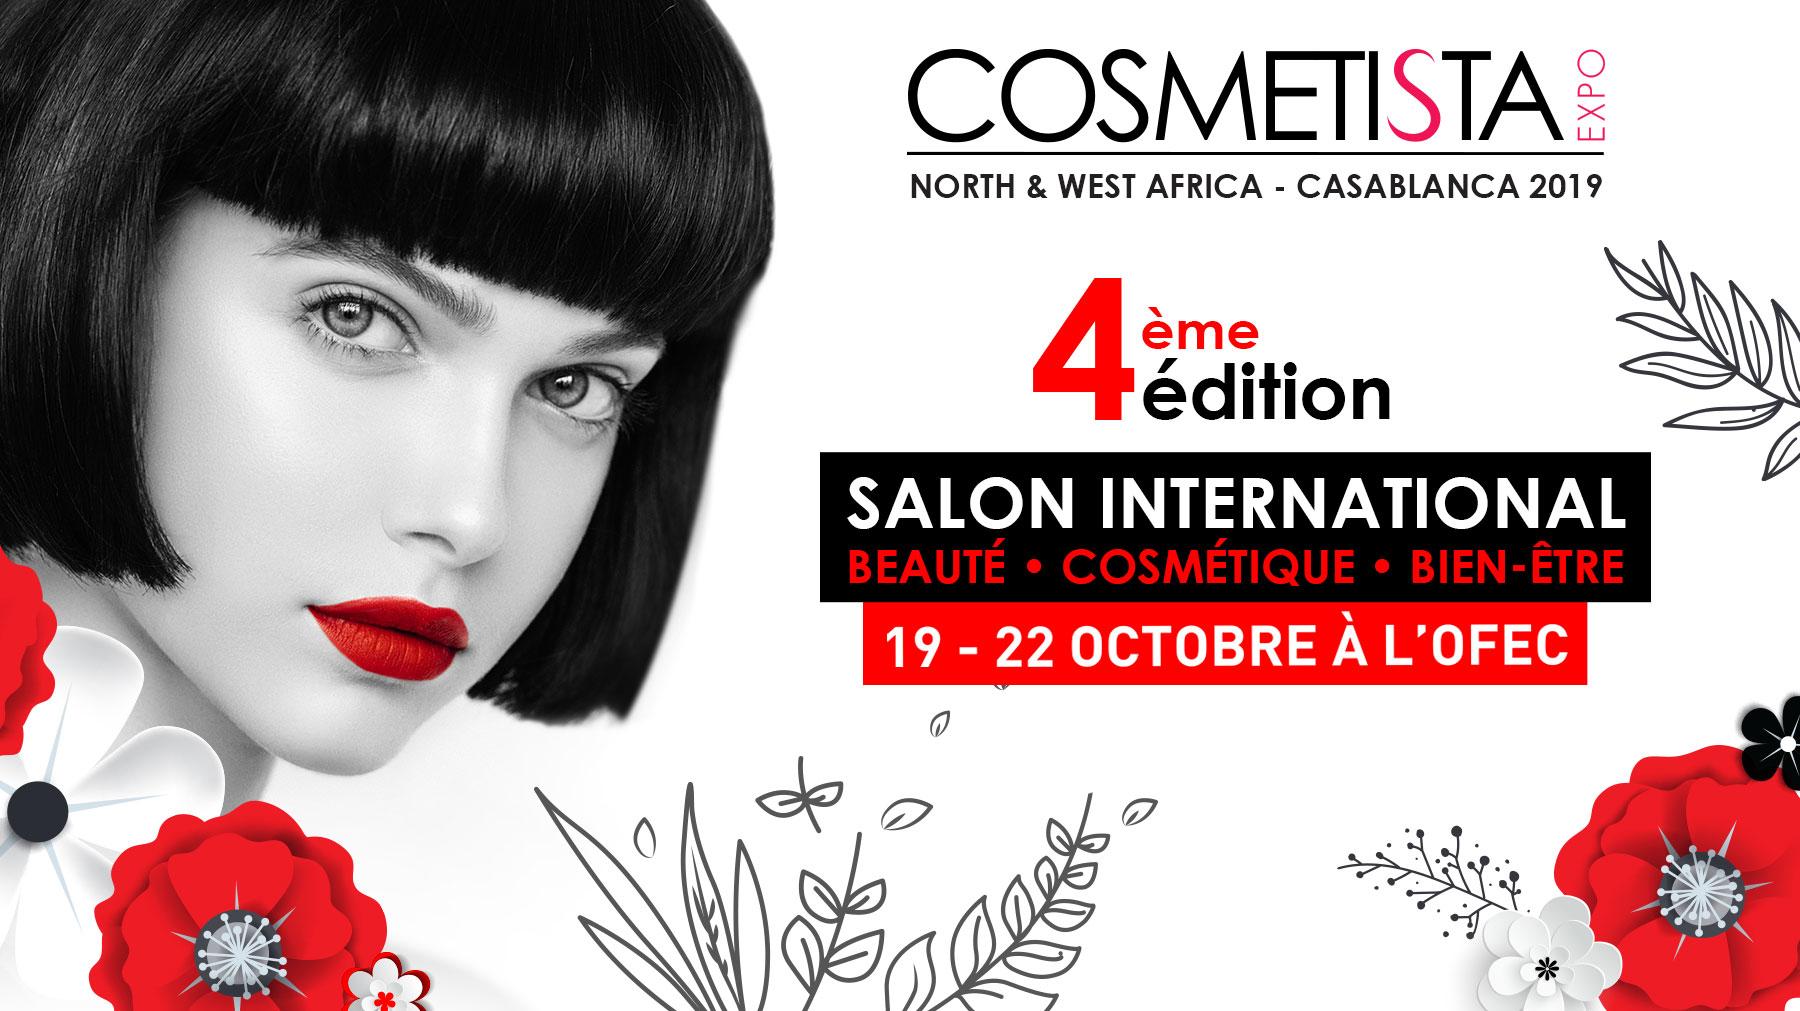 4èmeédition de Cosmetista à Casablanca